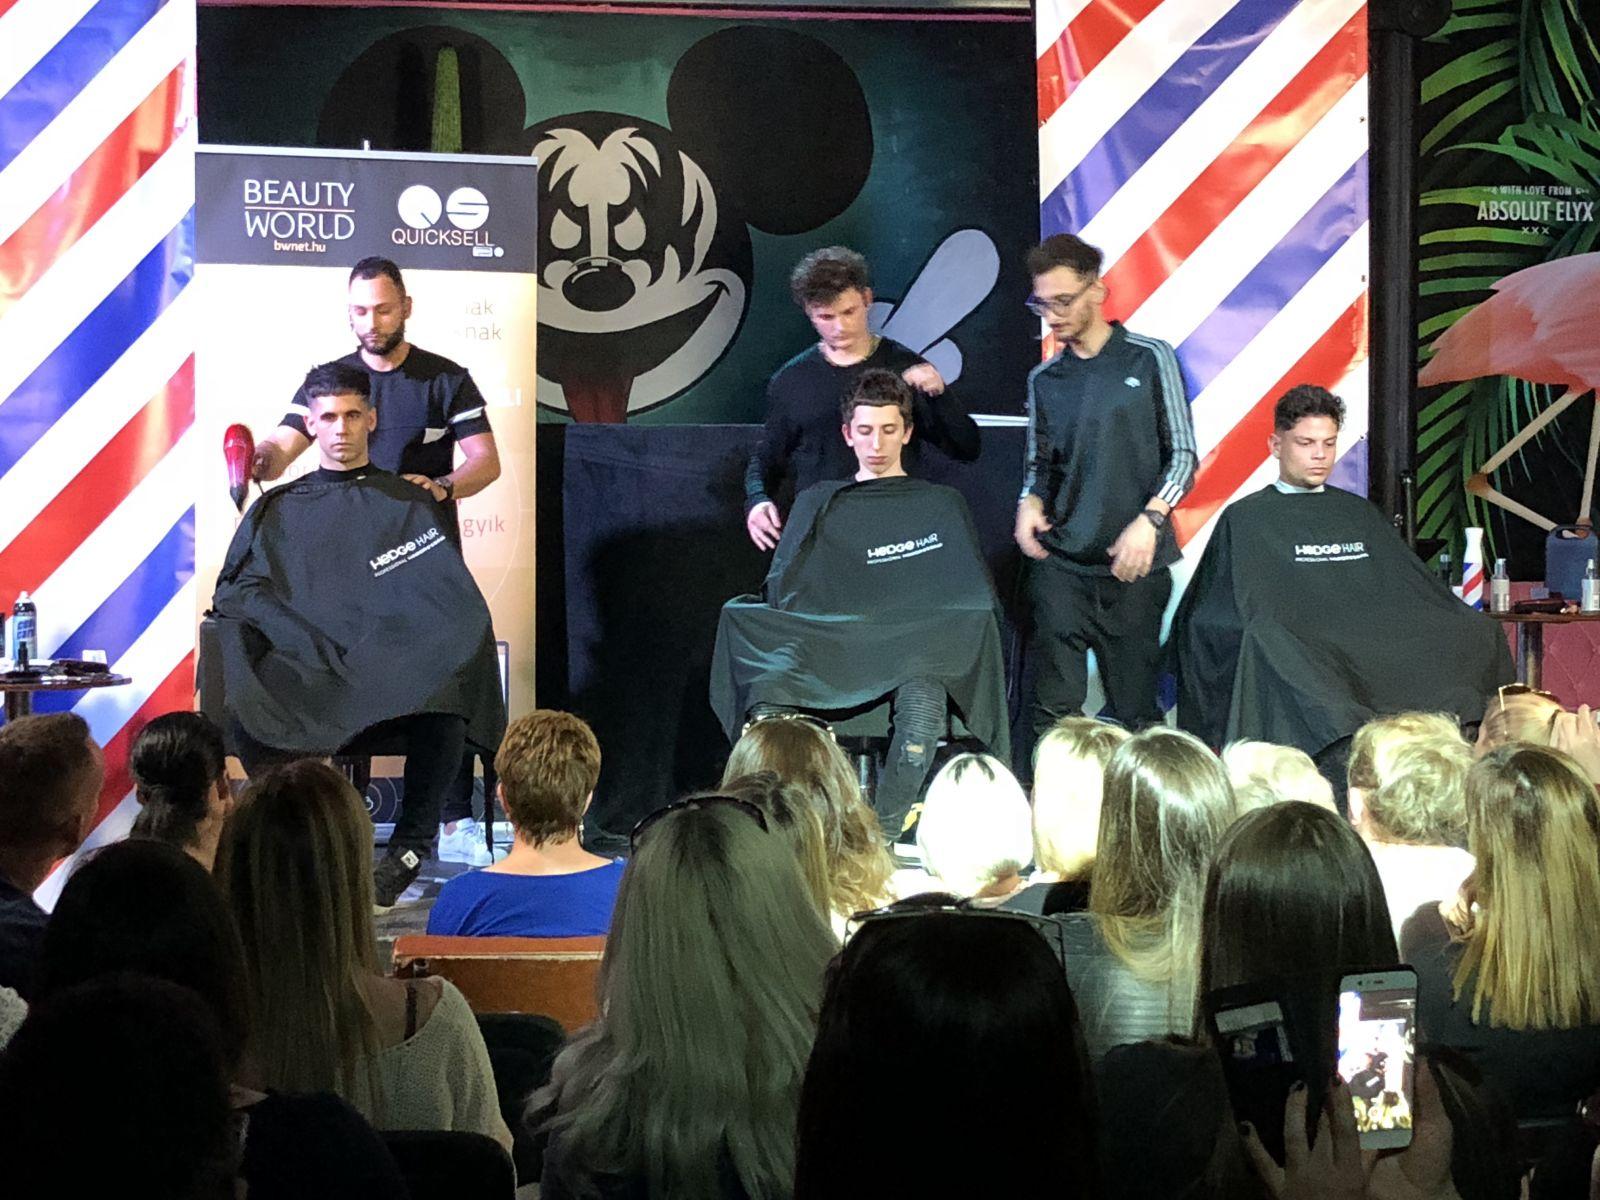 new school barber képzés debrecen, fodrász képzés, bwnet